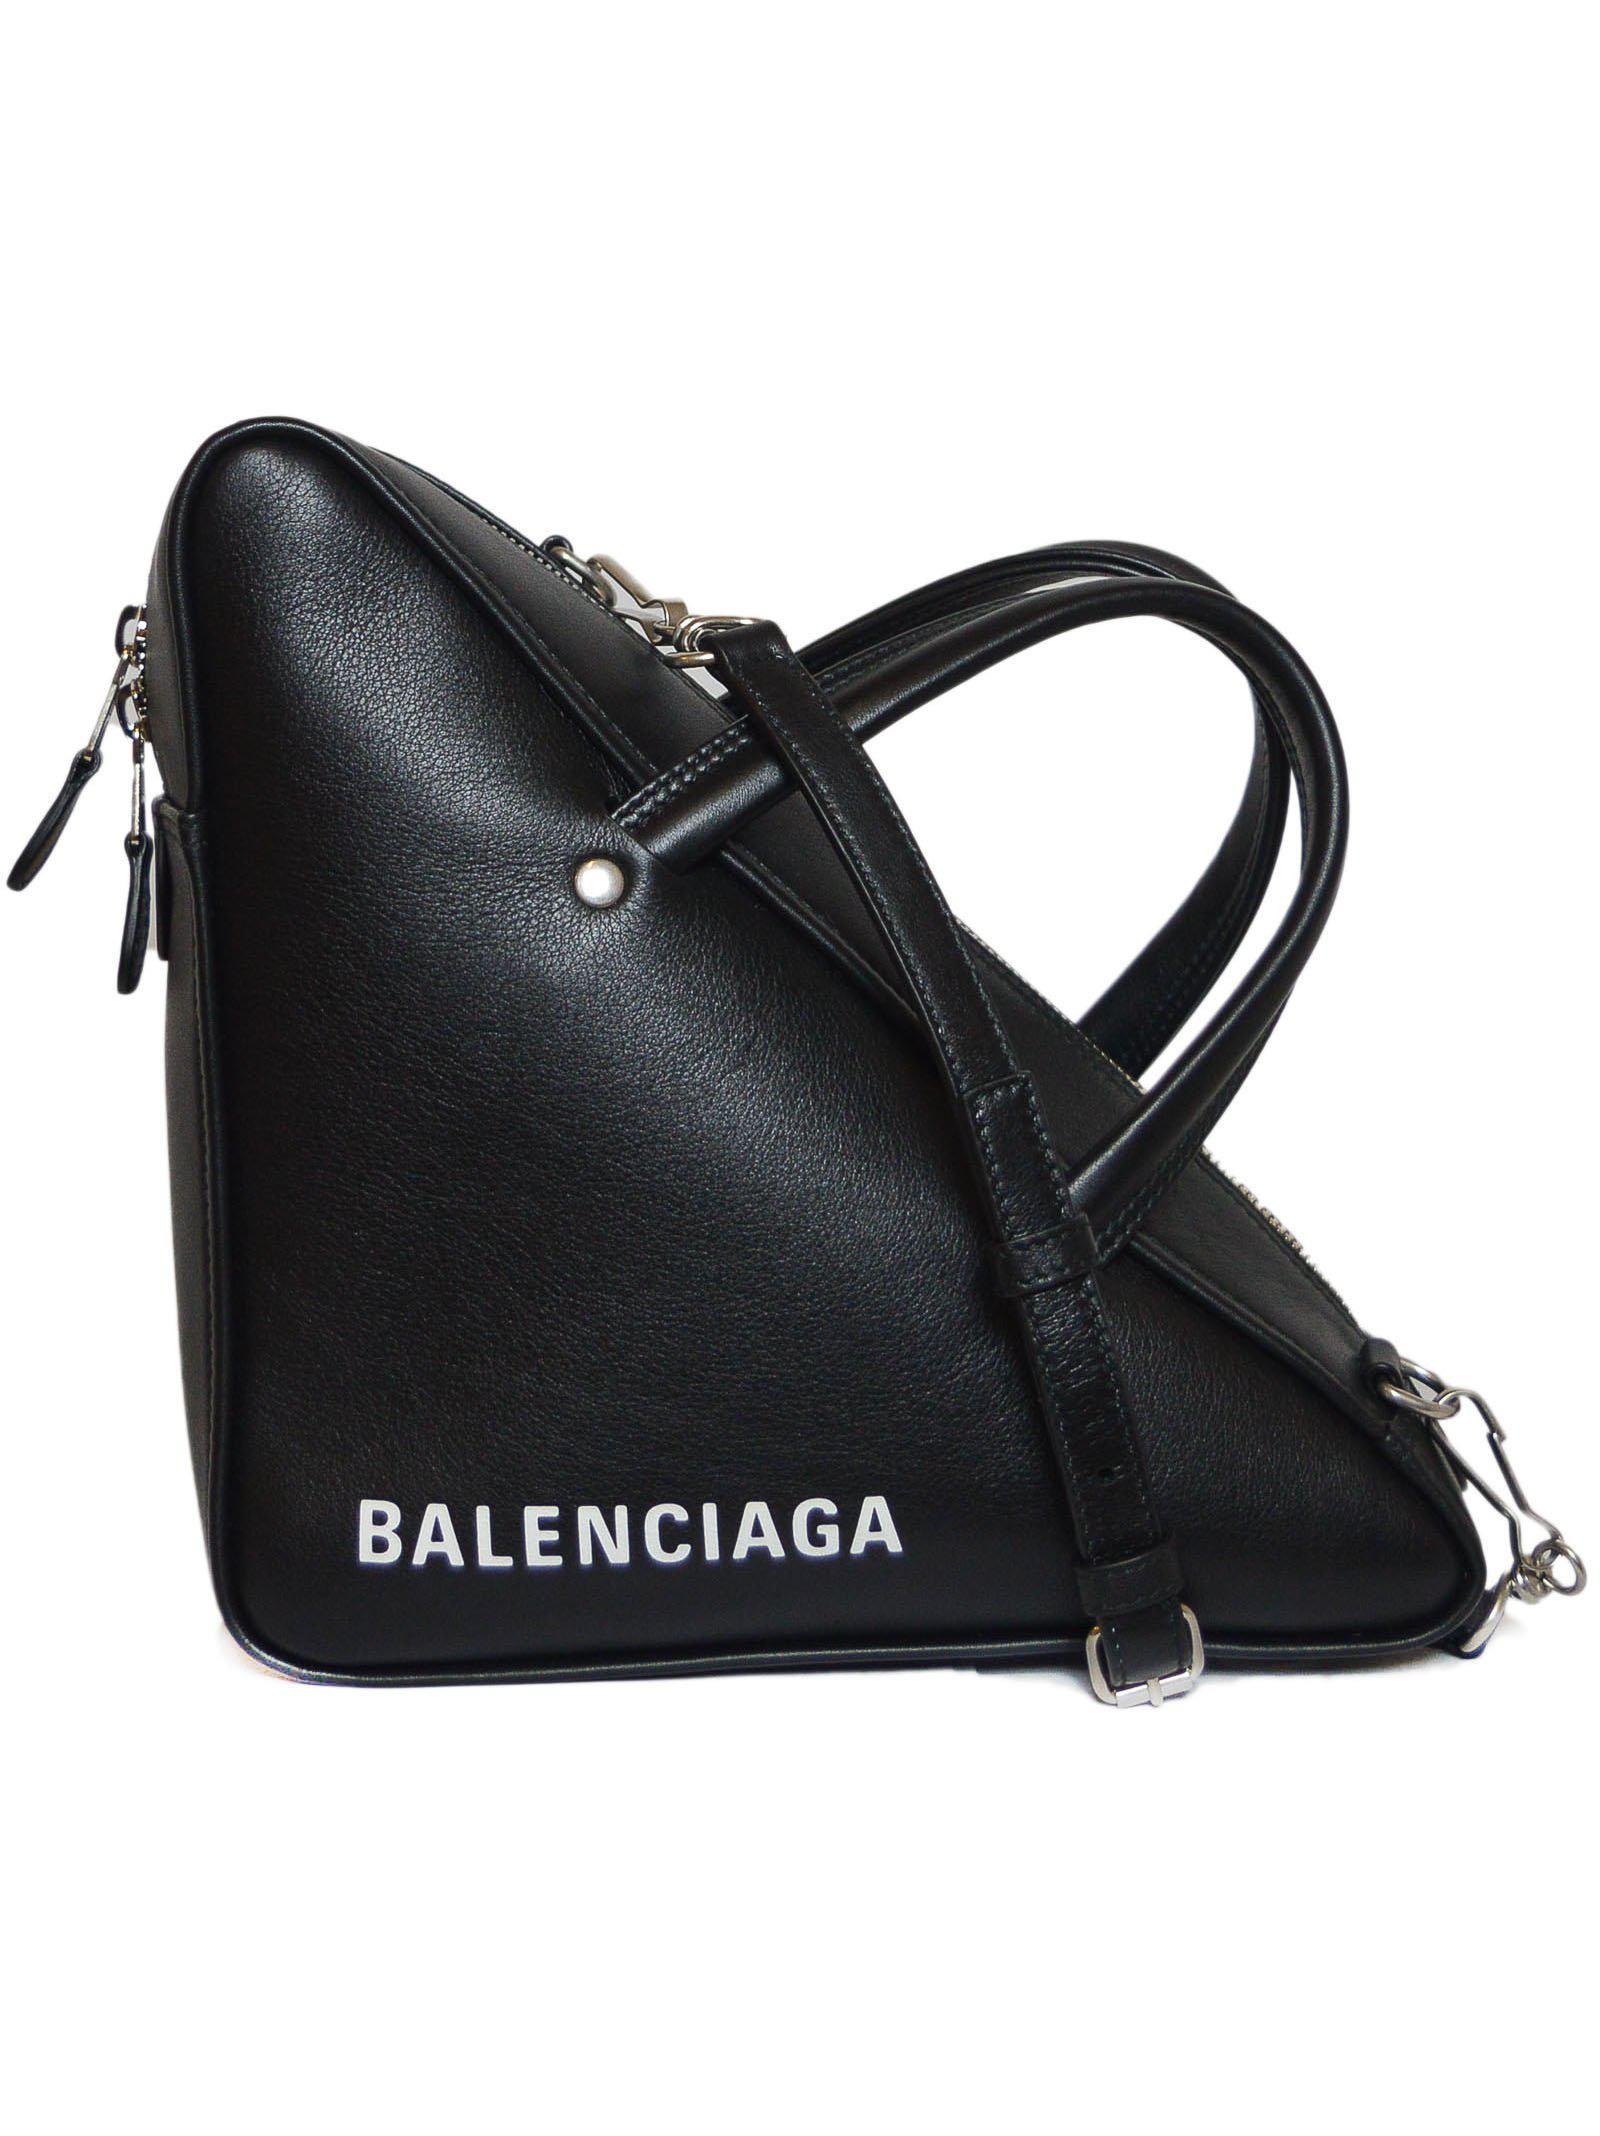 ad4877db33 Balenciaga - Blue Triangle Duffle S Bag - Lyst. View fullscreen